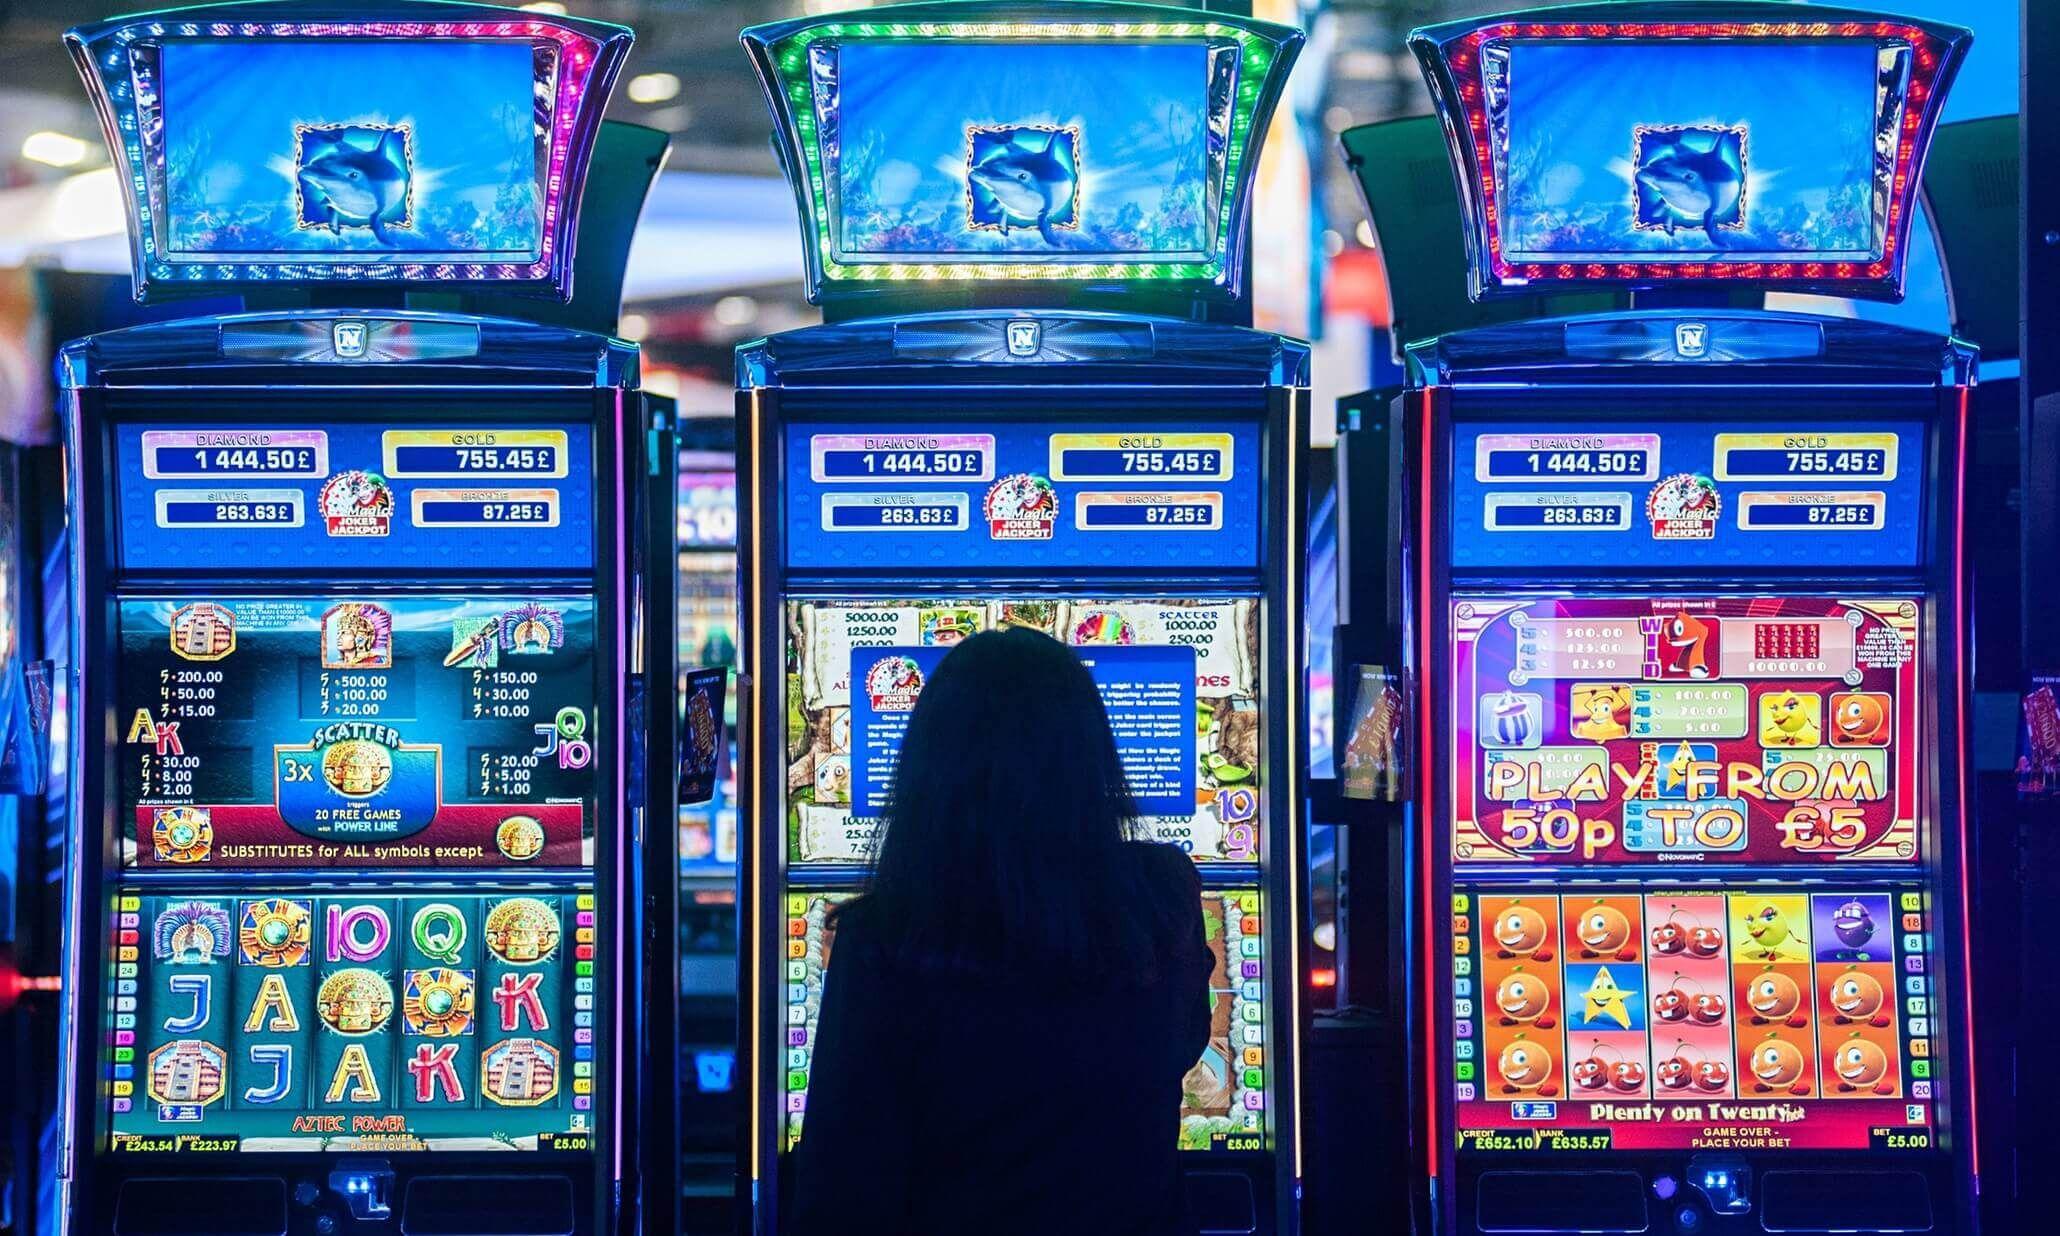 Казино вулкан играть бесплатно смотреть бесплатно фильмы 2017 года гайд по покеру онлайн